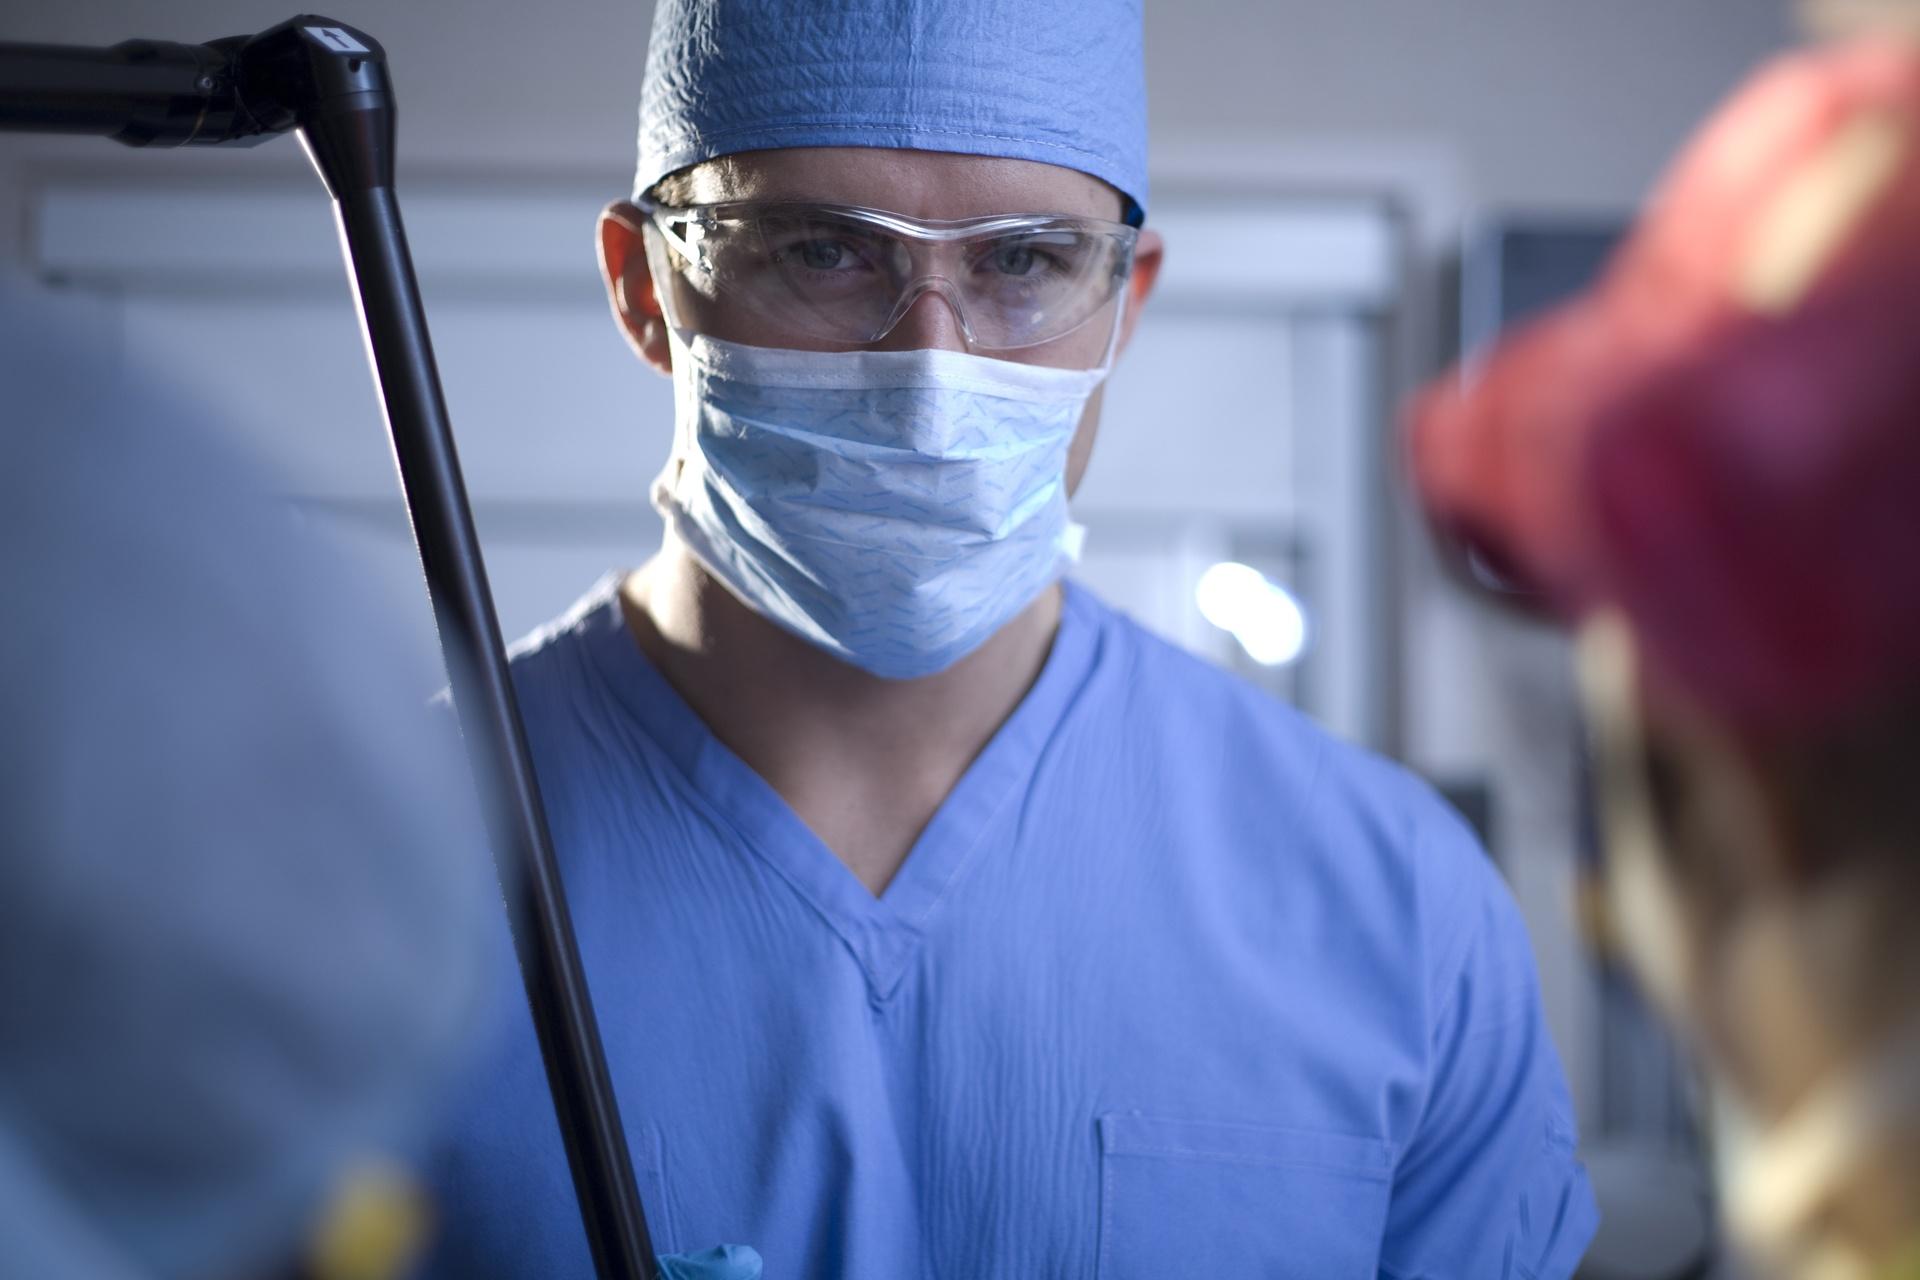 LIA - Medical Lase Safety Training